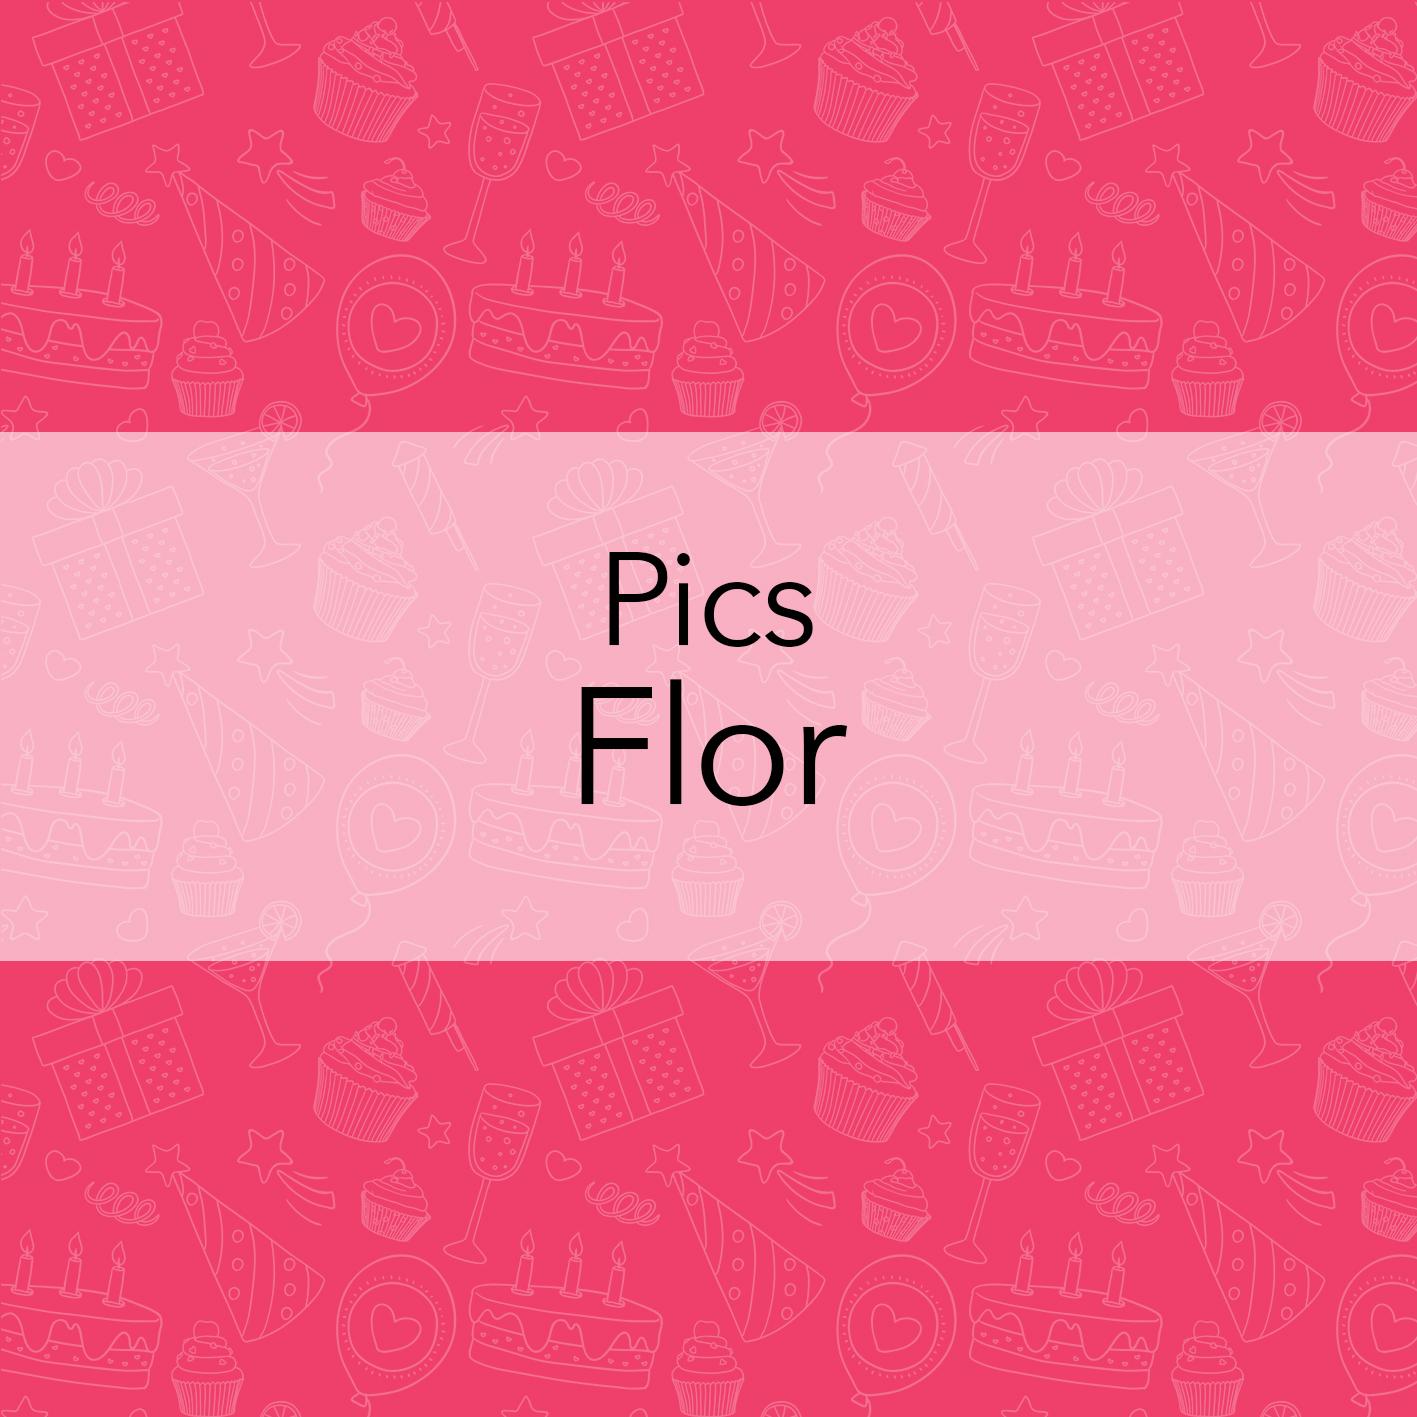 PICS FLOR